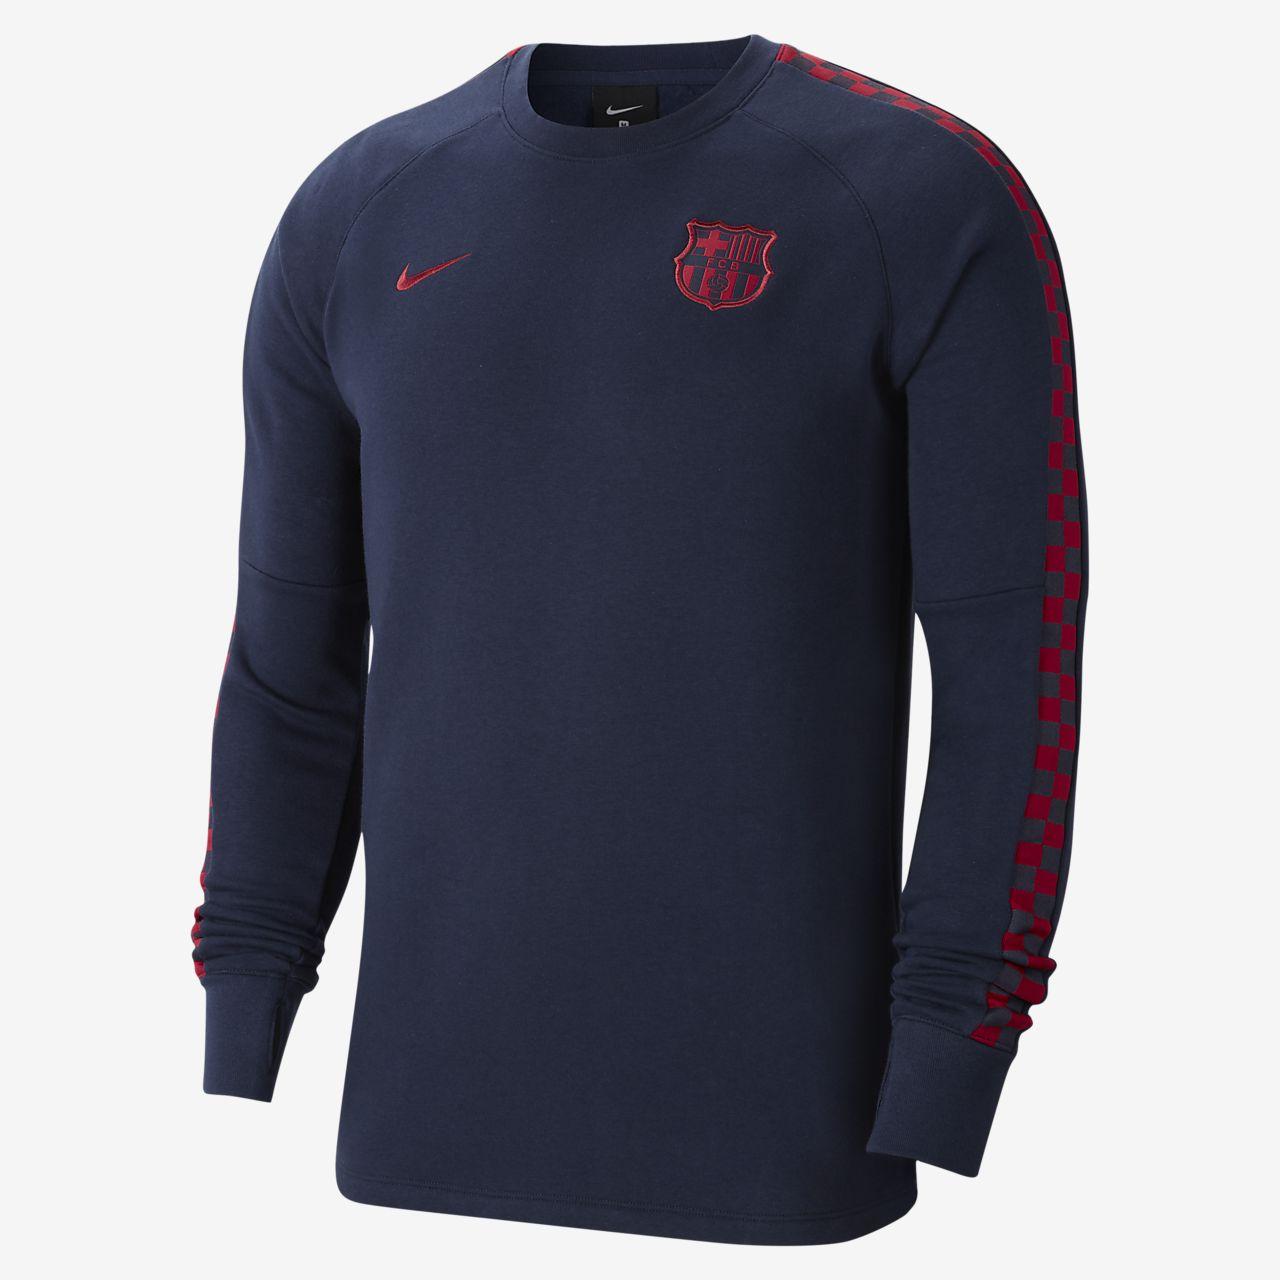 FC Barcelona - fleecetrøje med rund hals til mænd